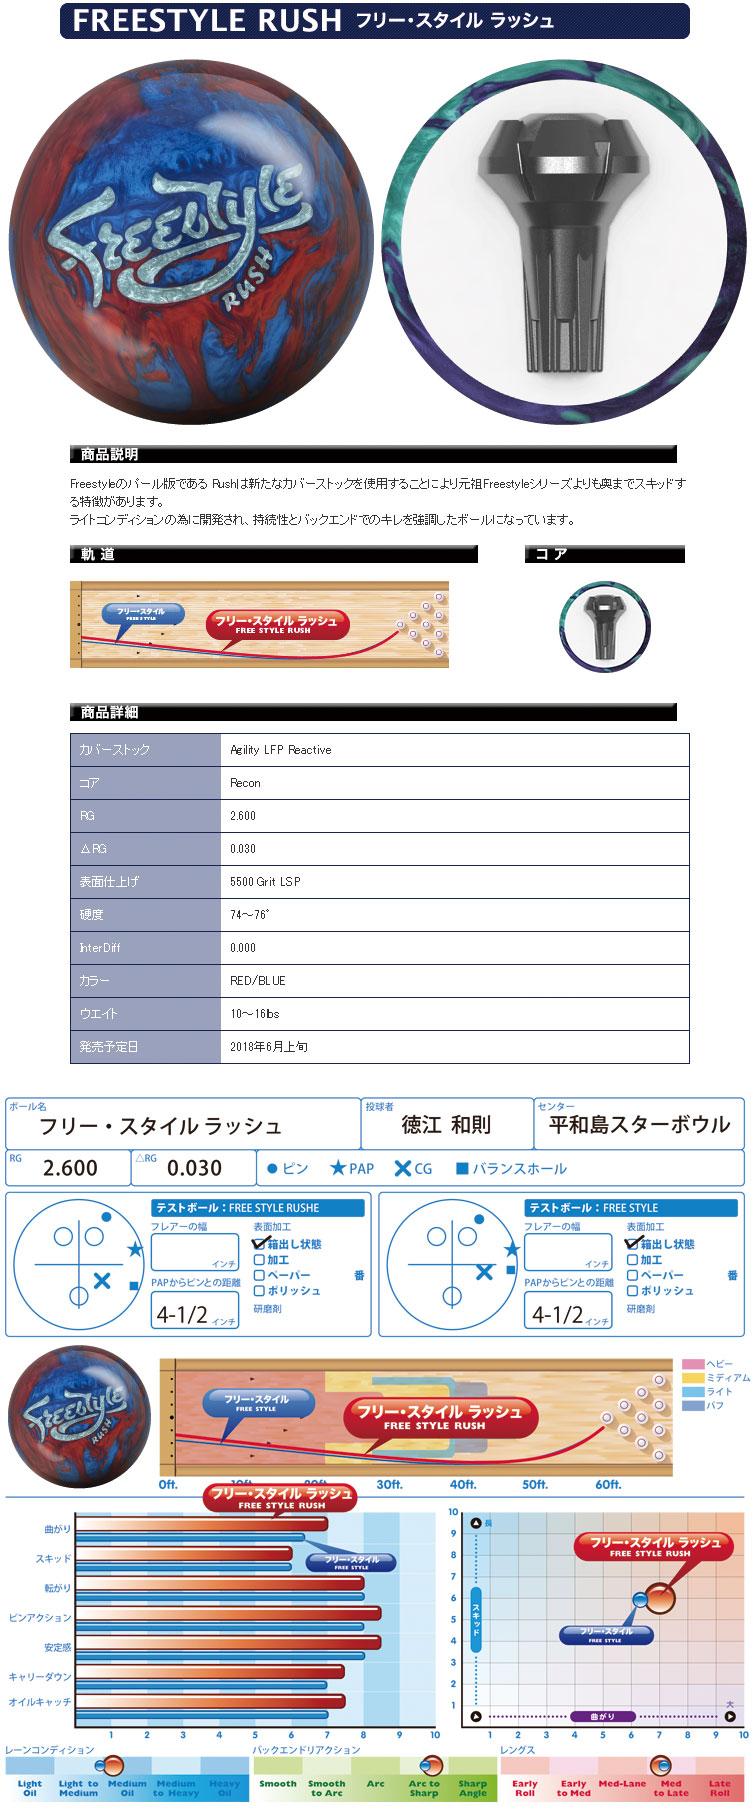 ボウリング用品 ボウリングボール モーティブ MOTIV フリースタイルラッシュ FREESTYLE RUSH